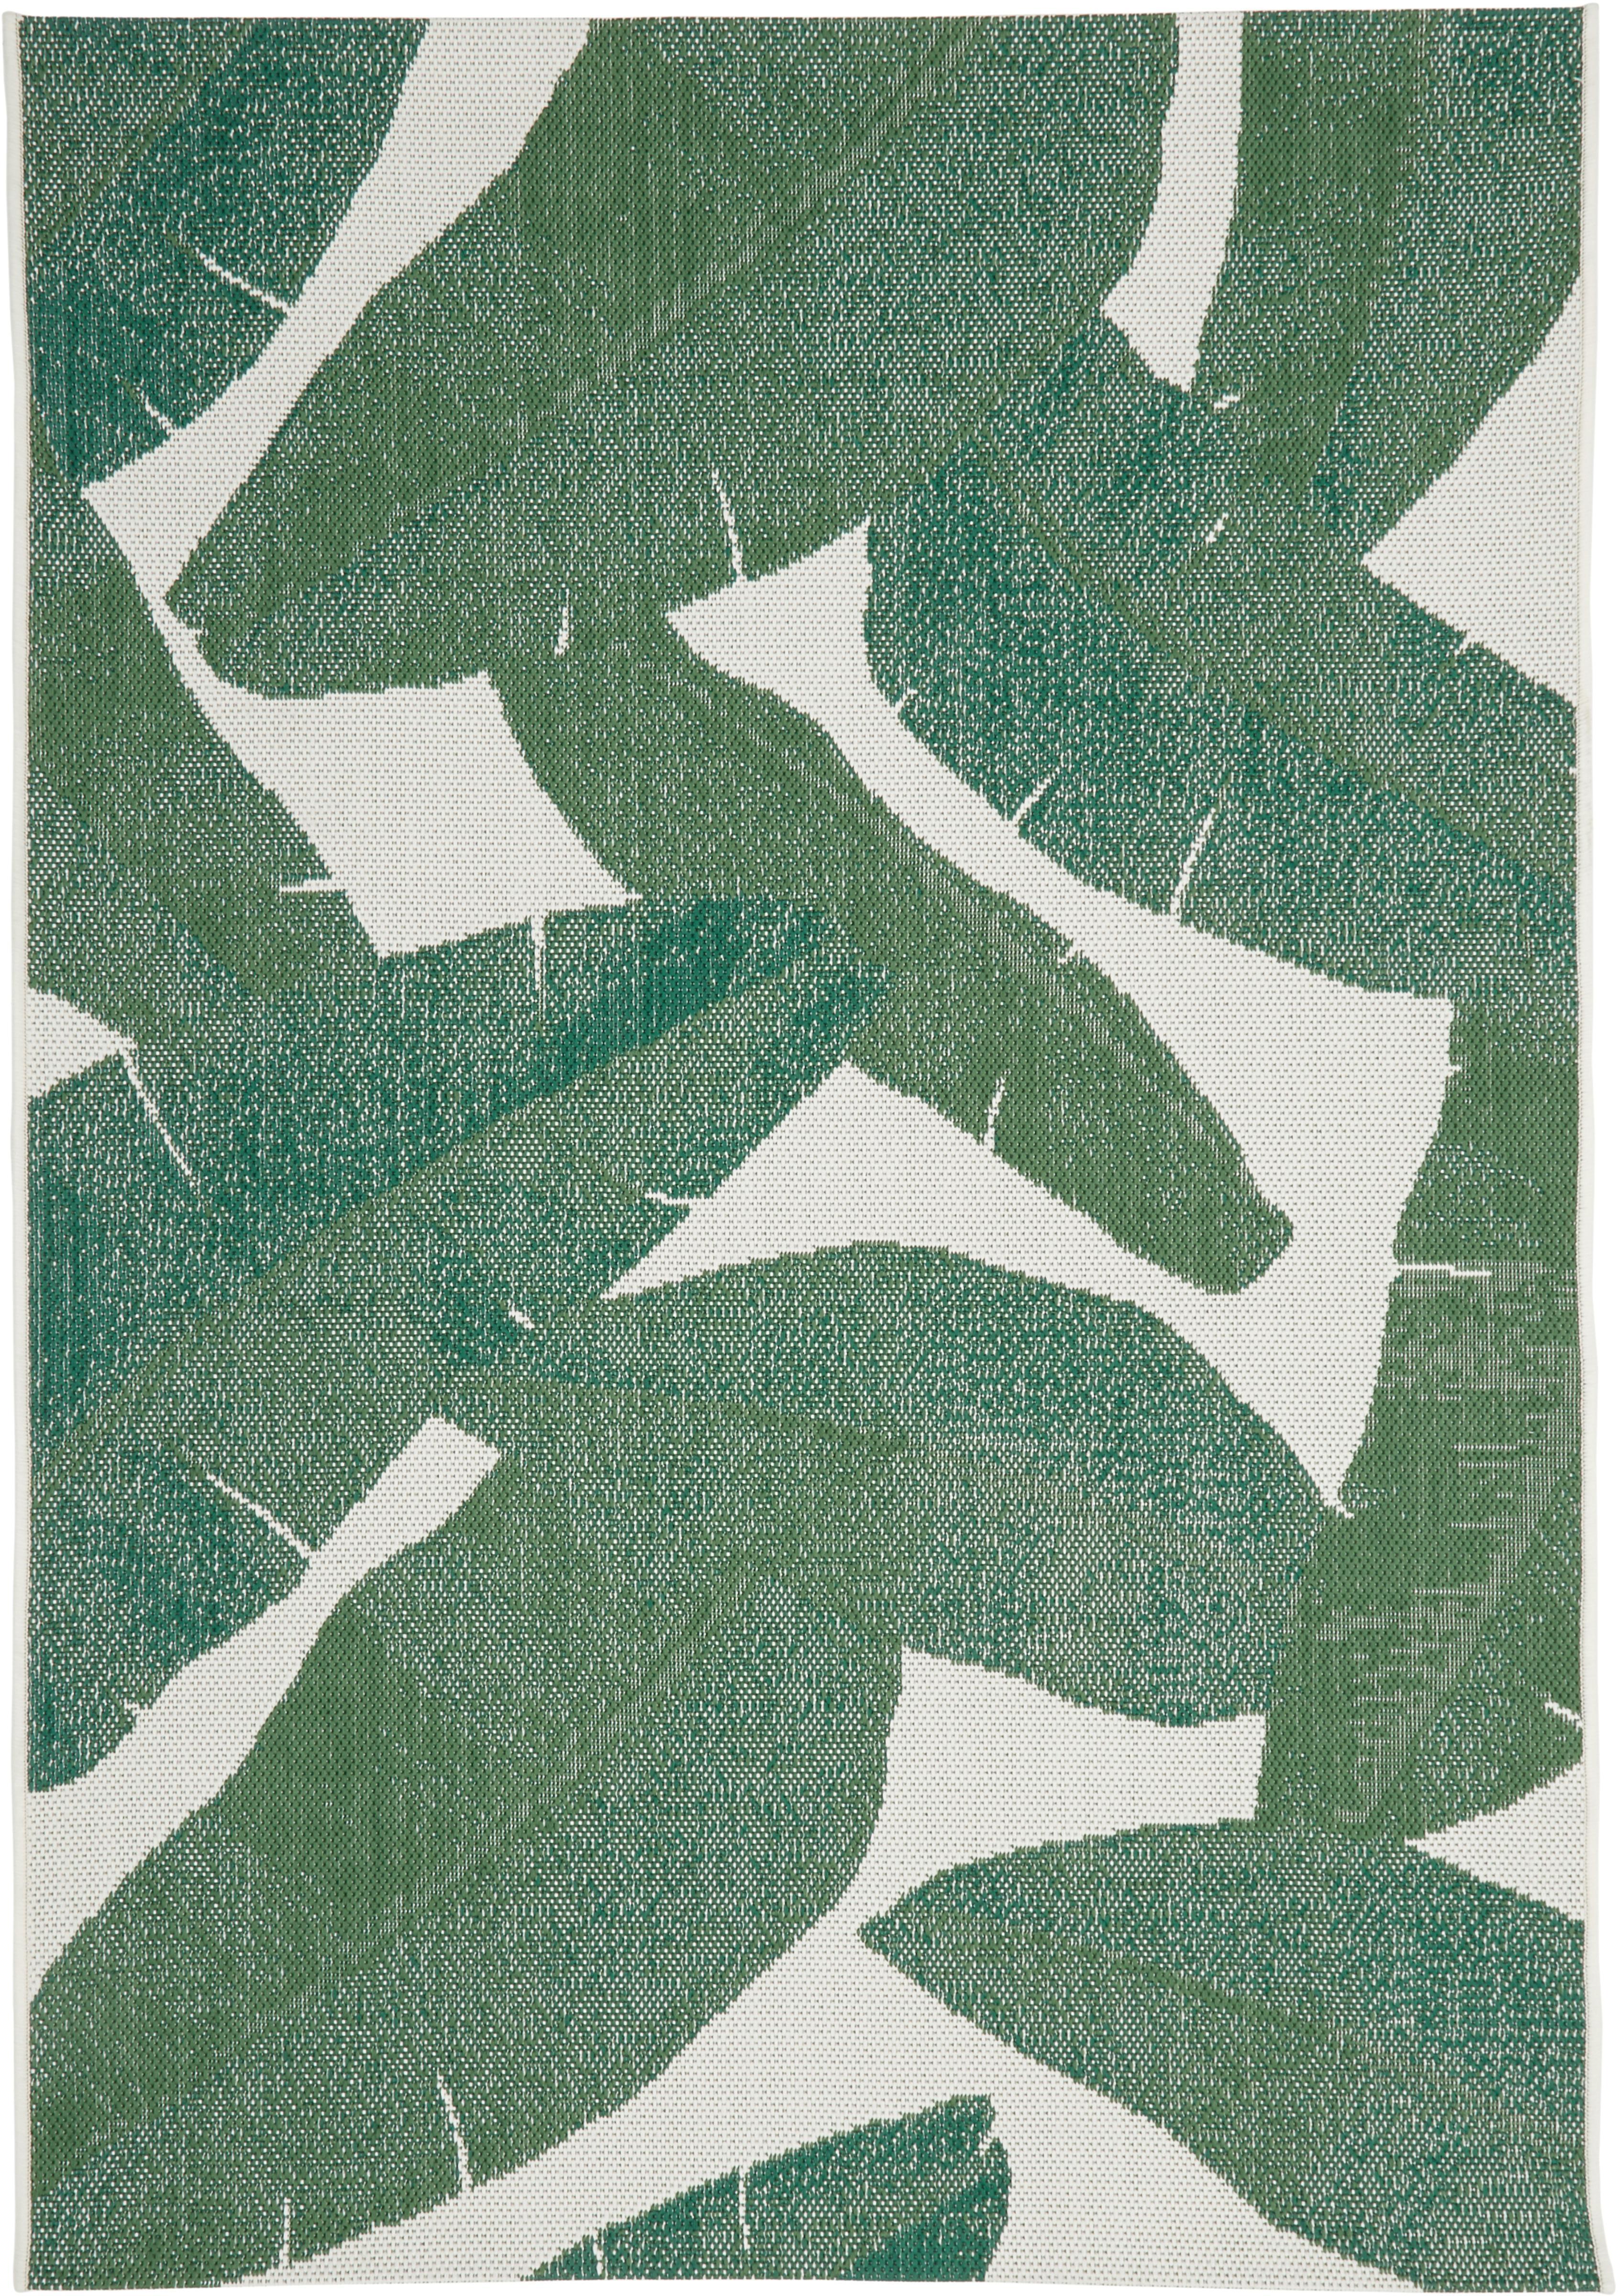 Tappeto da interno-esterno Jungle, Retro: poliestere, Bianco crema, verde, Larg. 120 x Lung. 170 cm (taglia s)